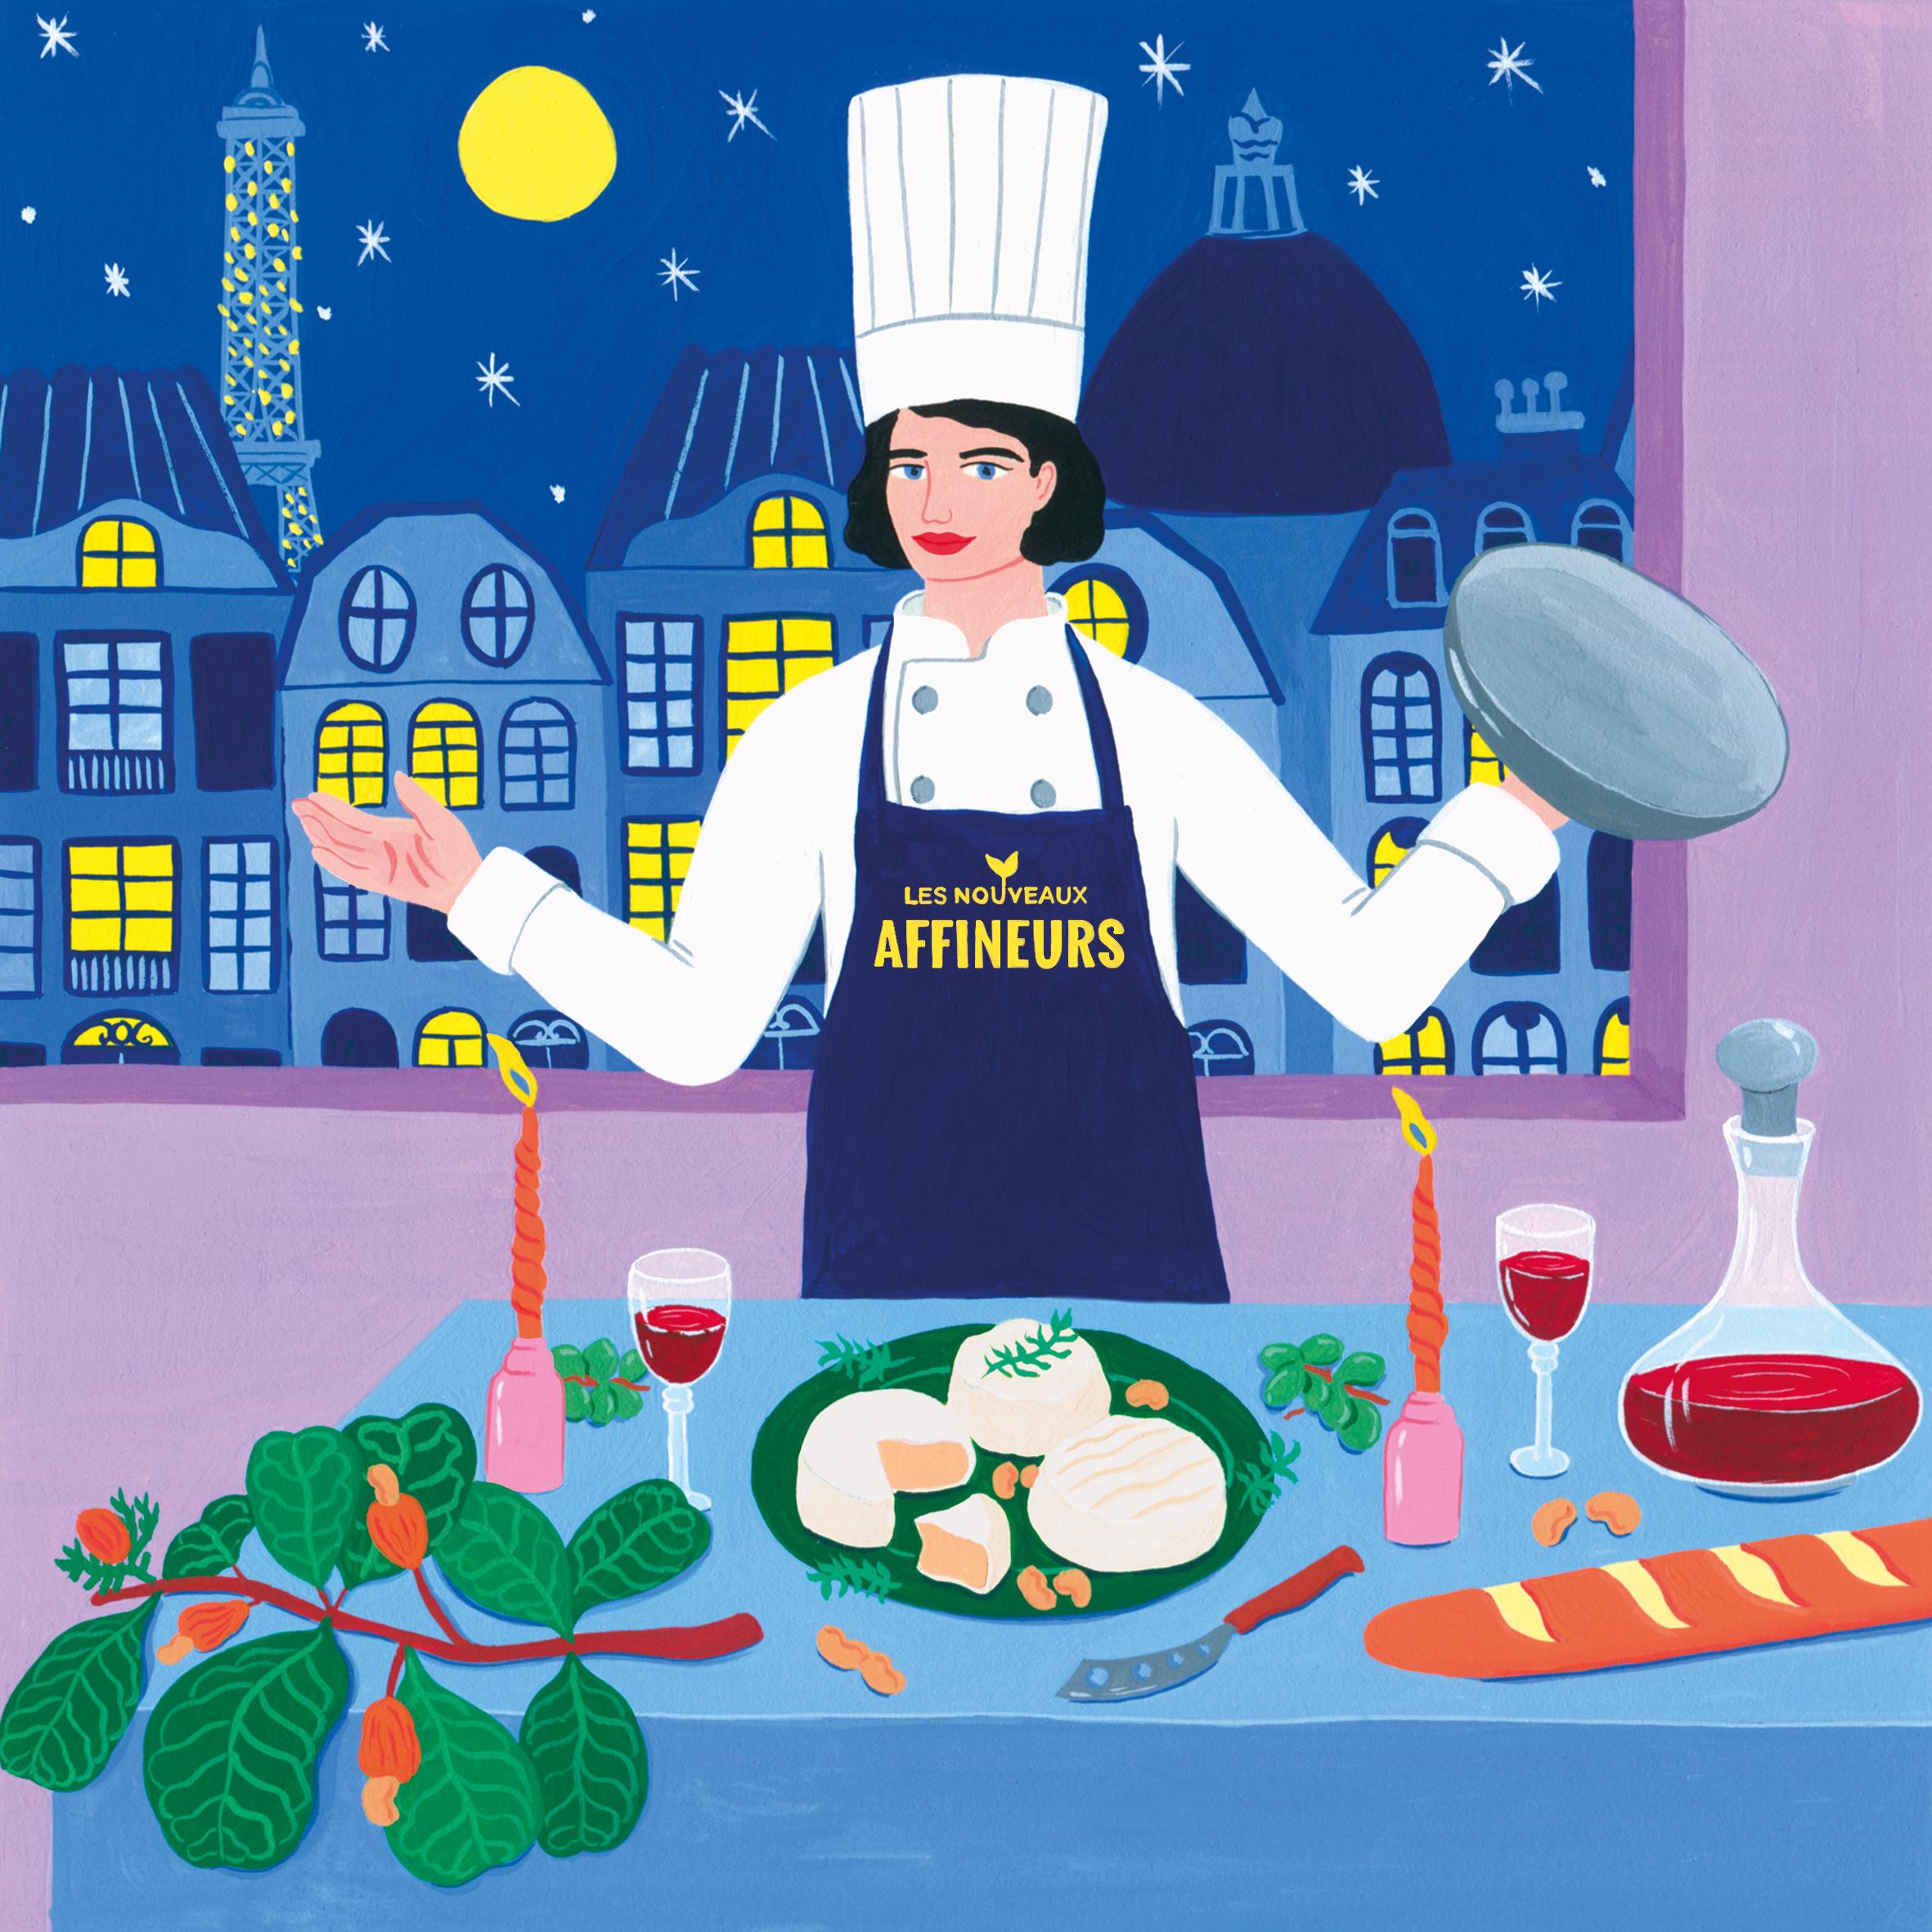 Marie-pellet-illustrations-portfolio-gouache-illustration-communication-Les Nouveaux Affineux-fromage-végétal-art de vivre-France-gastronomie-Paris-restaurant